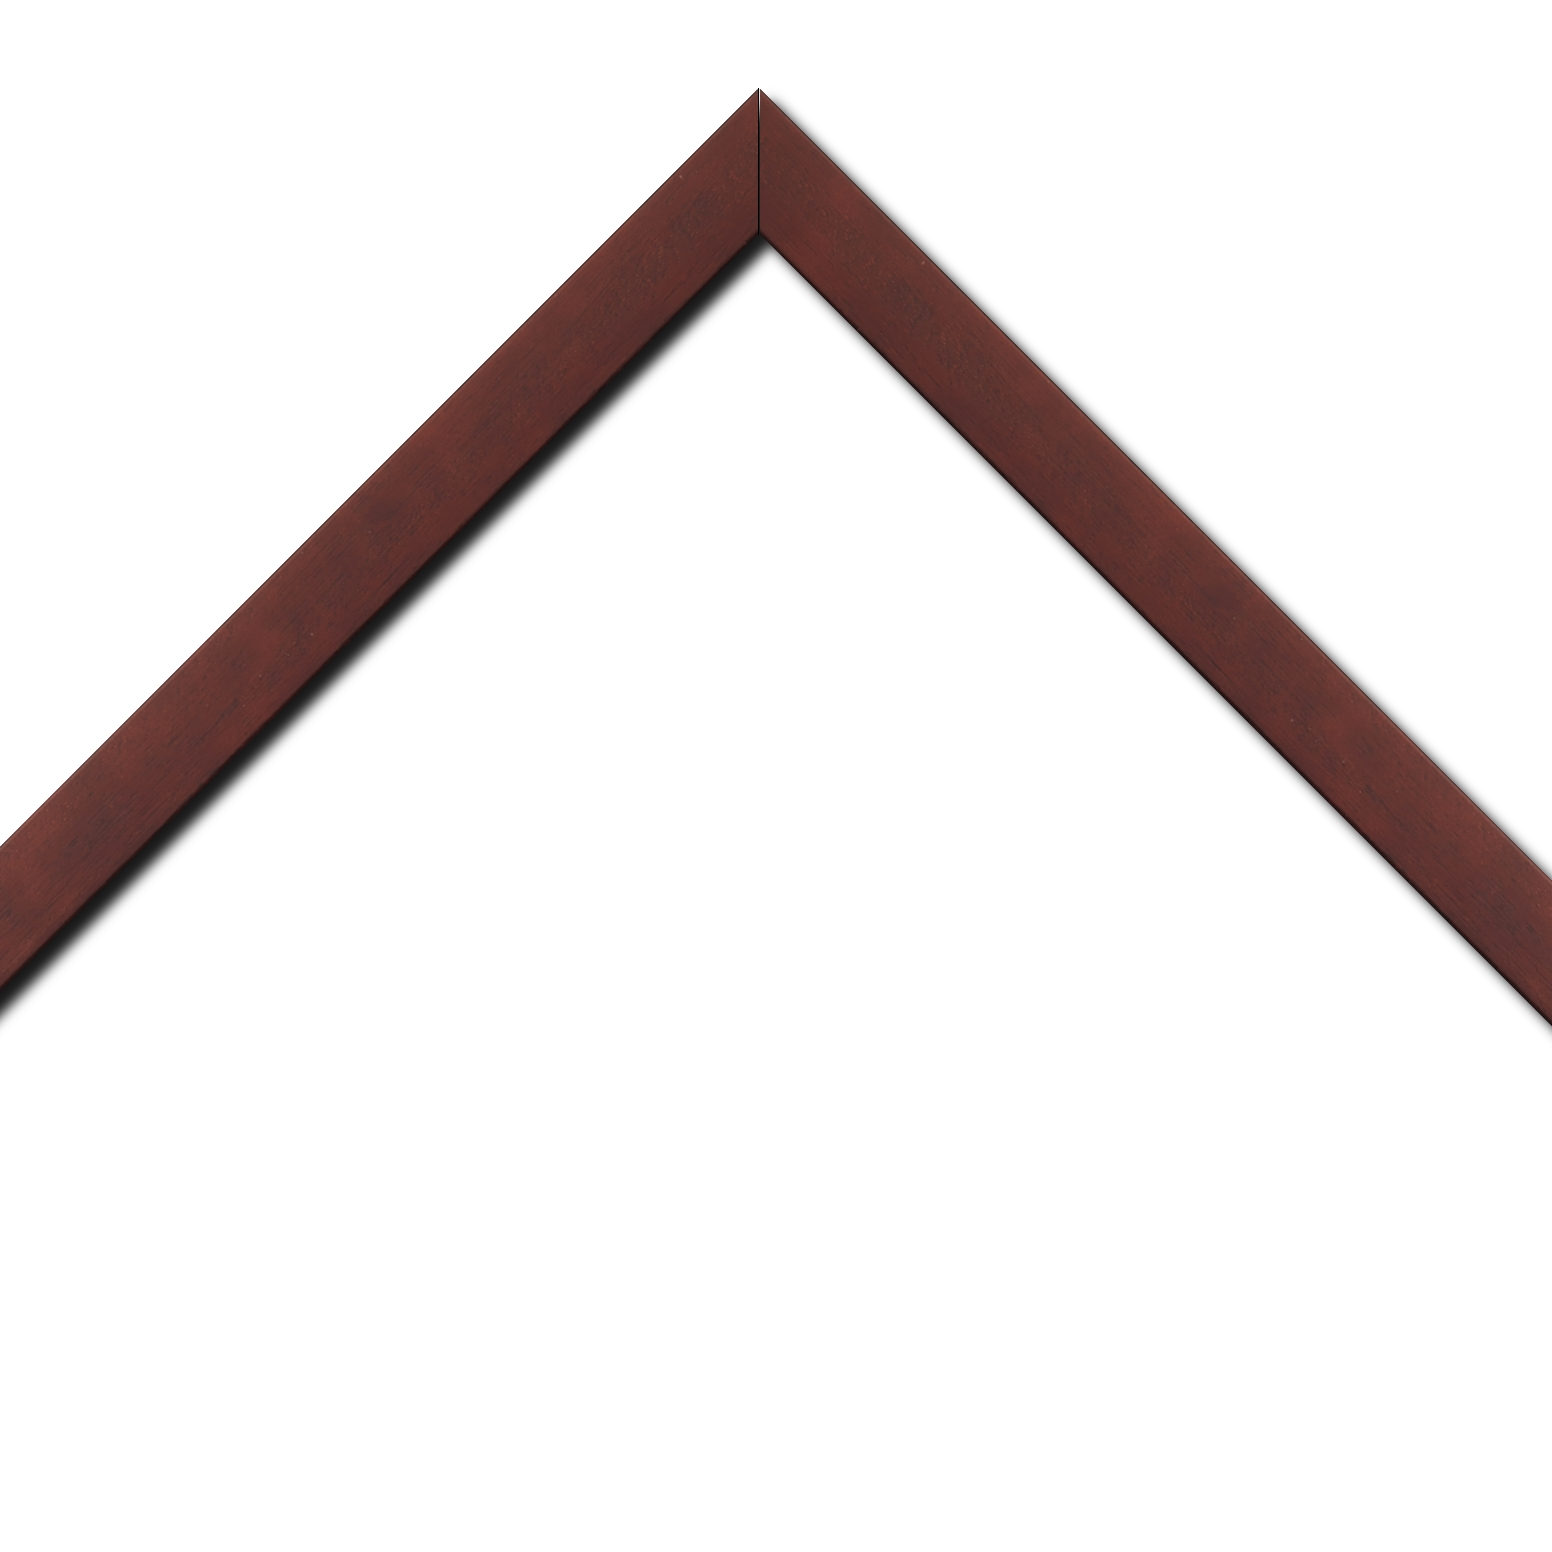 Baguette bois profil plat largeur 2.5cm couleur bordeaux satiné